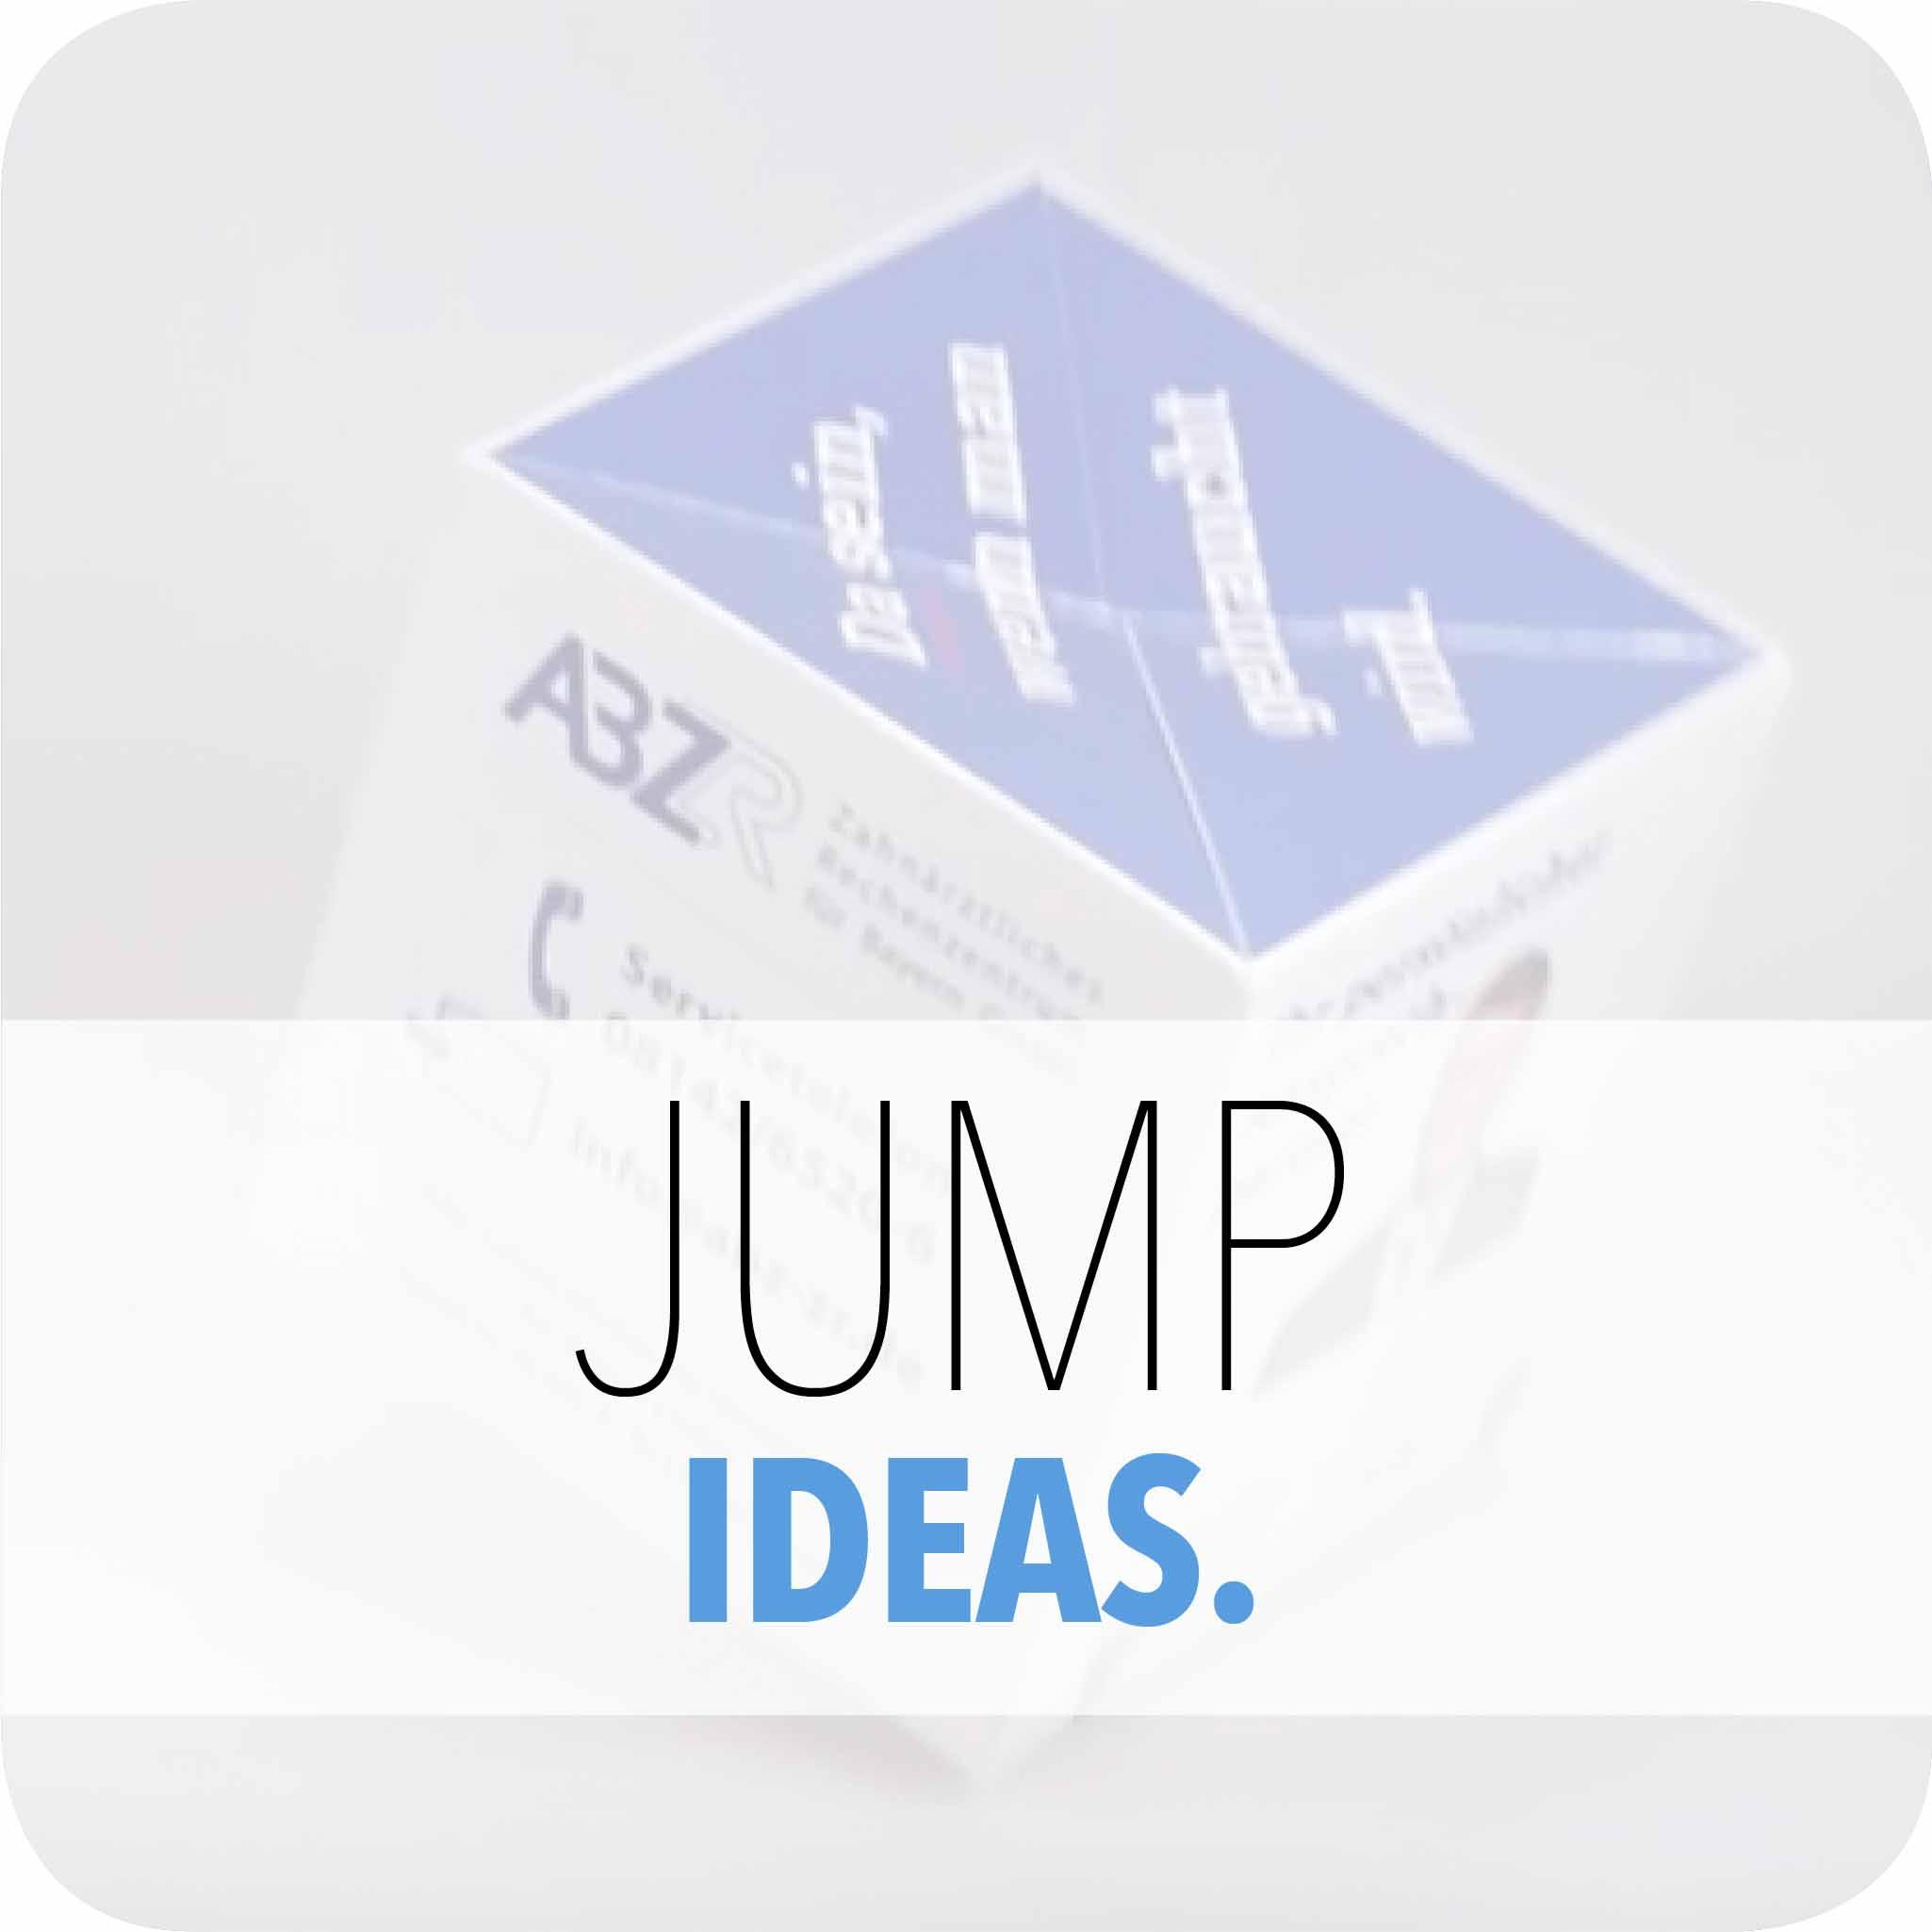 JUMP-IDEAS